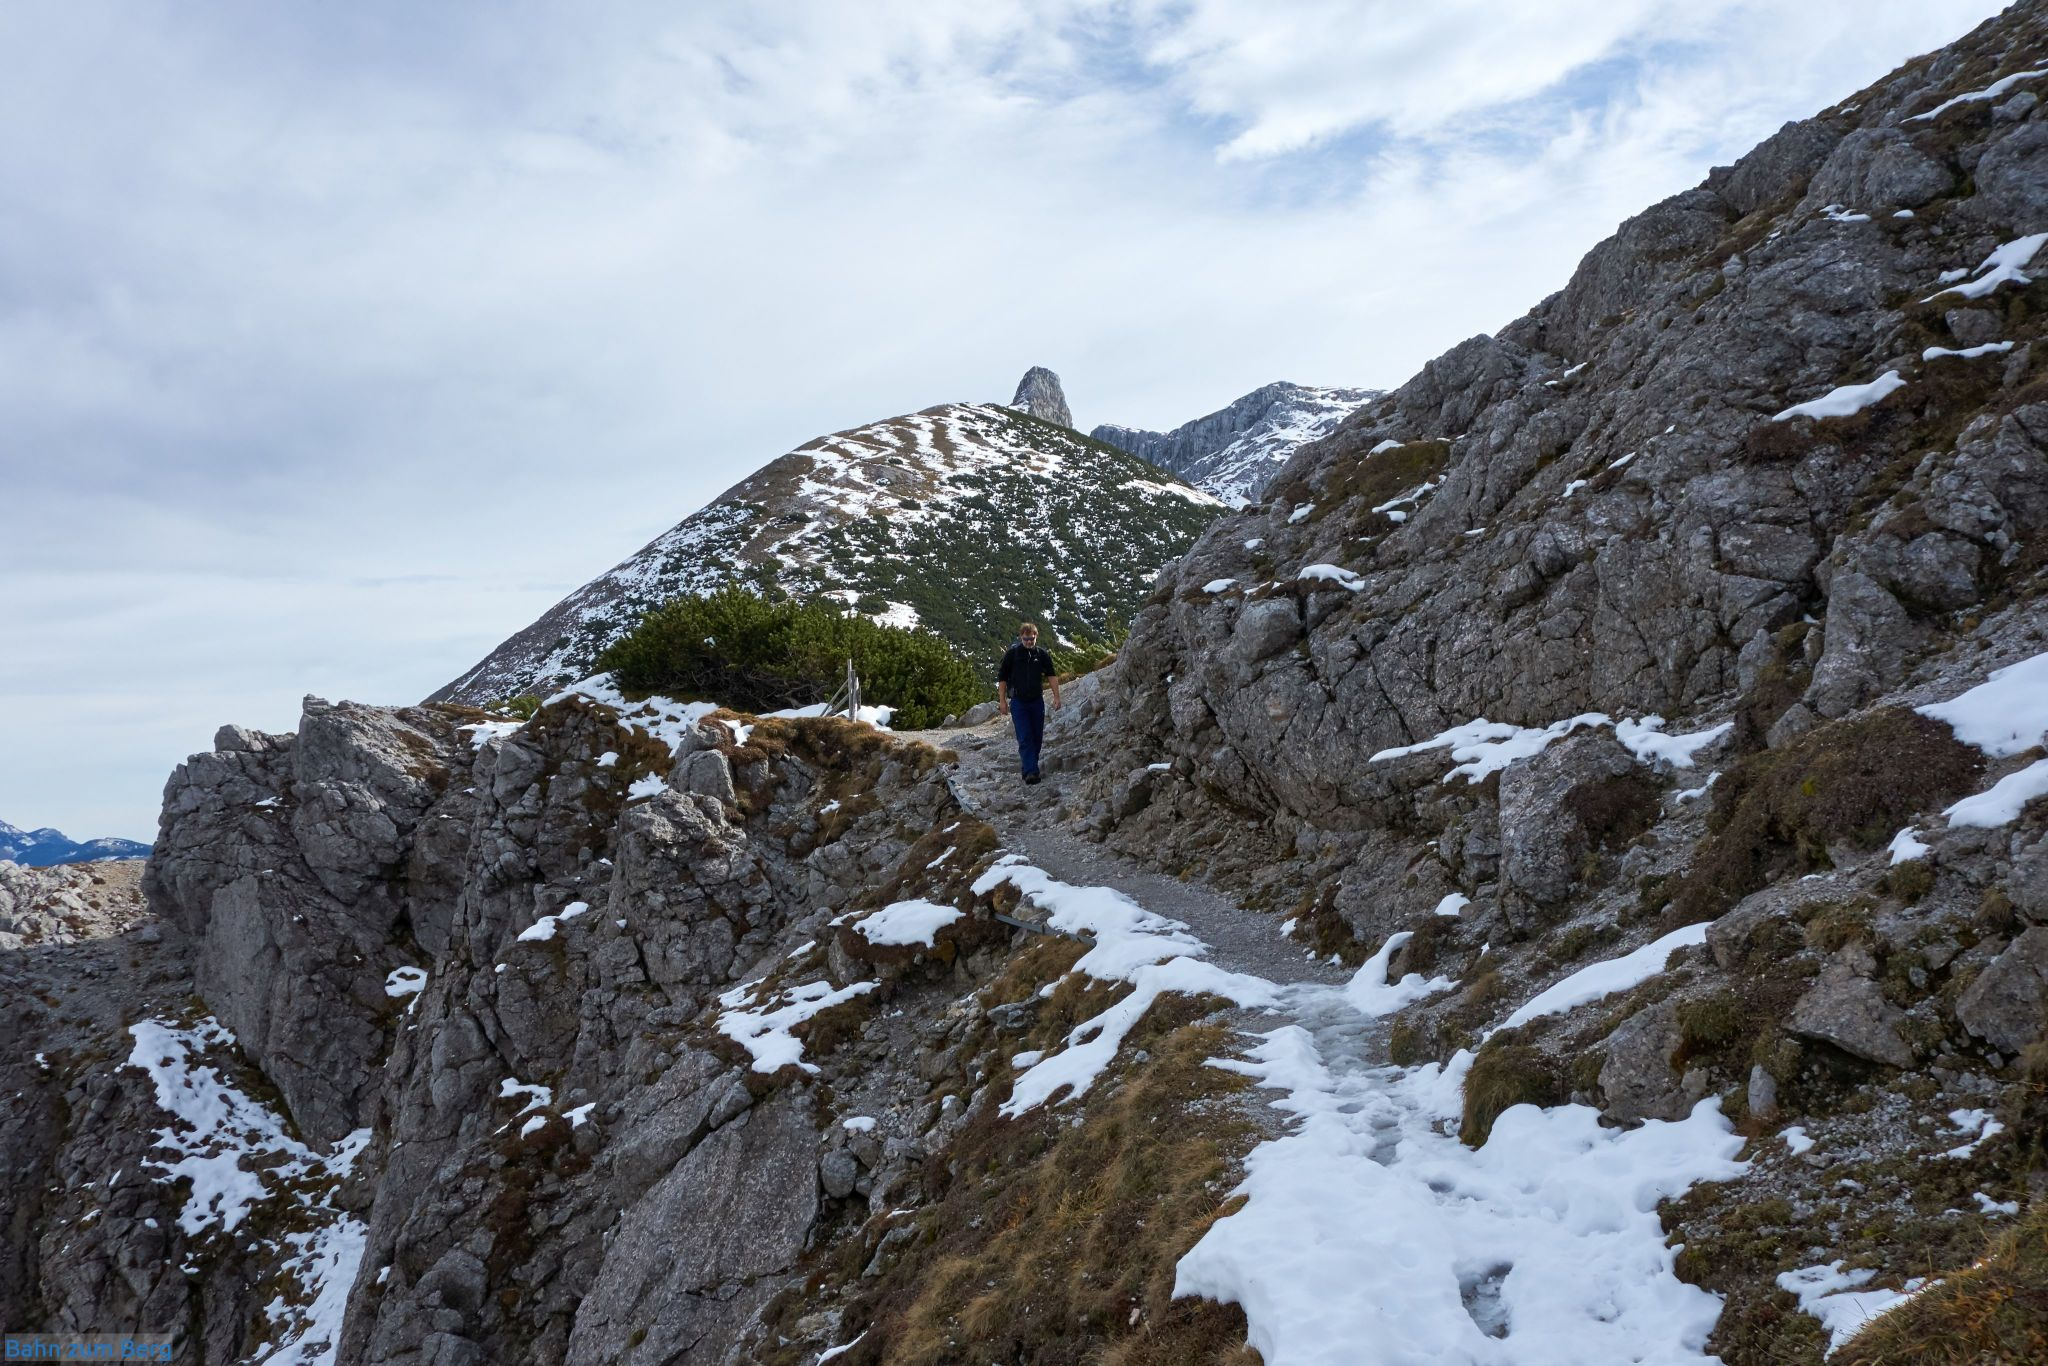 Beginn des Ochsensteigs vom Fölzsattel zur Voisthalerhütte hinunter.